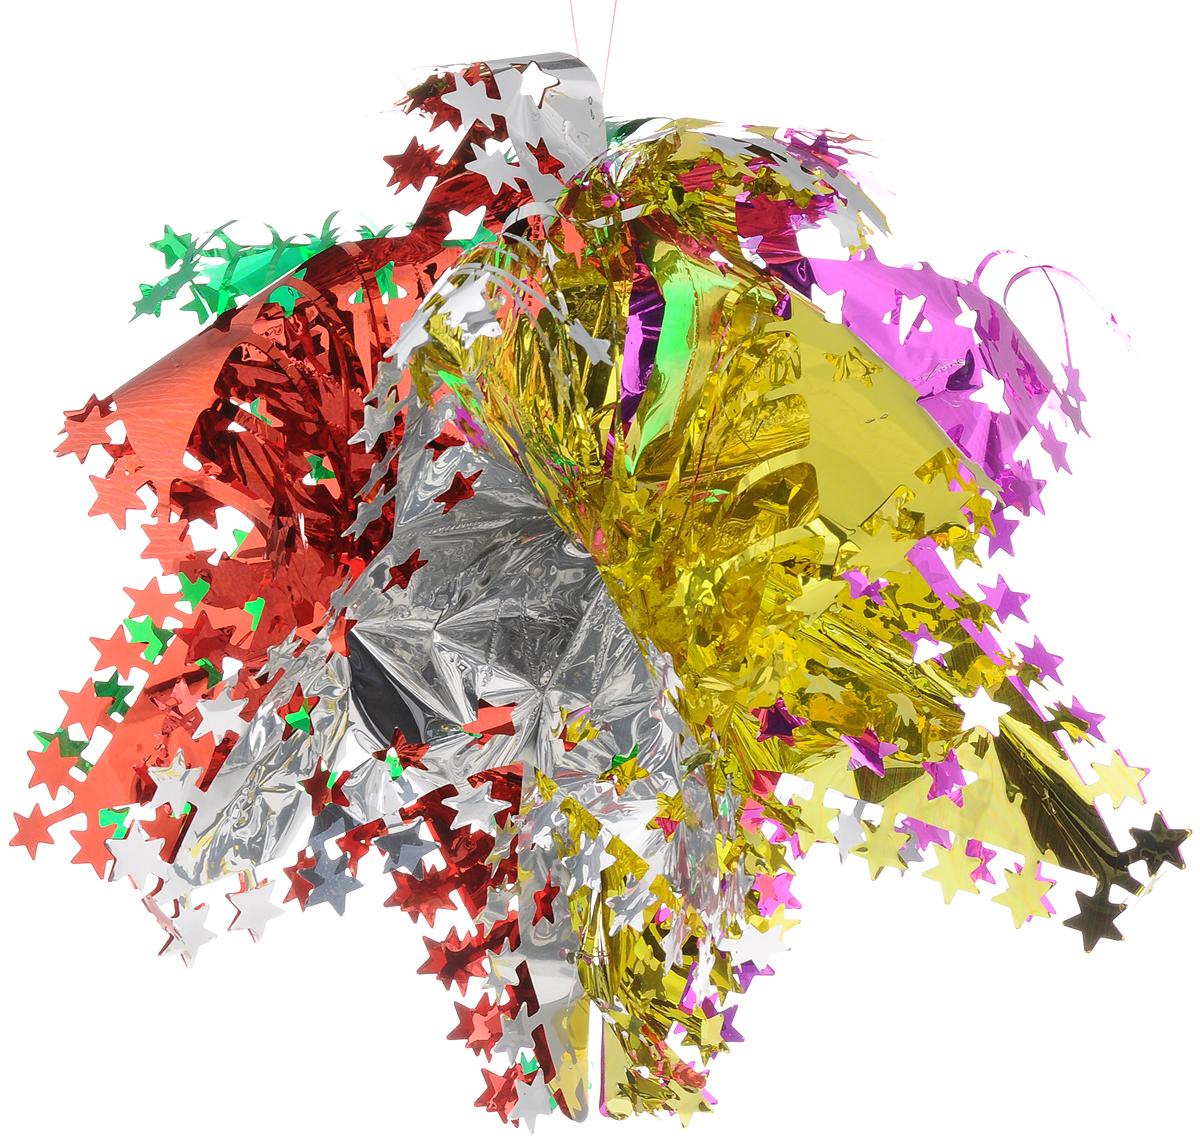 Украшение новогоднее подвесное Magic Time Маленькая цветная галактика, 50 x 25 см42125Новогоднее подвесное украшение Magic Time Маленькая цветная галактика выполнено из ПЭТ (полиэтилентерефталат) в виде снежинки. С помощью специальной петельки украшение можно повесить в любом понравившемся вам месте. Игрушка удачно будет смотреться под потолком.Новогоднее украшение Magic Time Маленькая цветная галактика несет в себе волшебство и красоту праздника. Создайте в своем доме атмосферу веселья и радости, с помощью игрушек, которые будут из года в год накапливать теплоту воспоминаний.Материал: полиэтилентерефталат.Размер: 50 x 25 см.